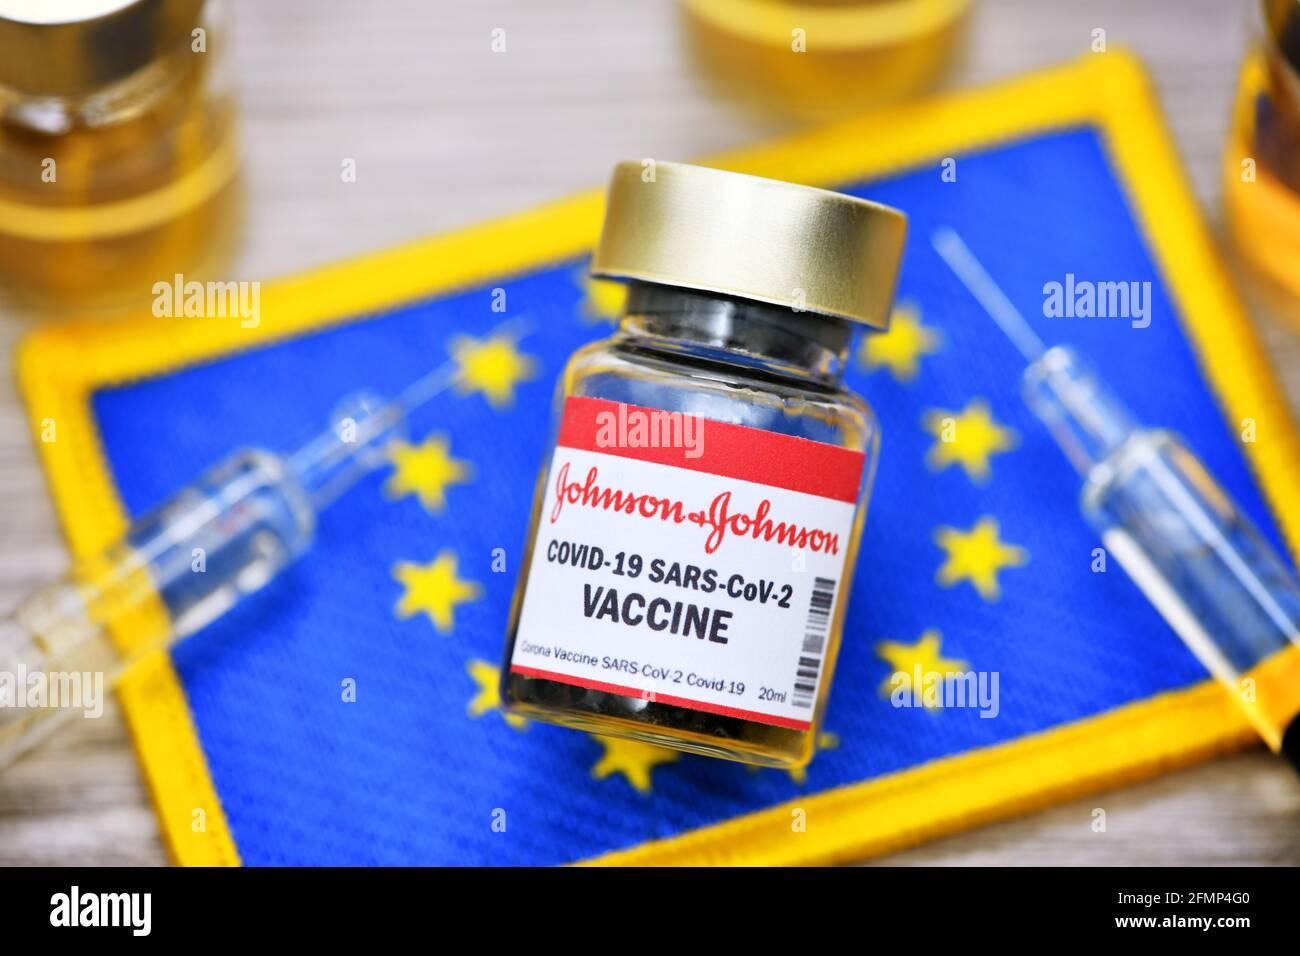 Vaccino Covid di Johnson e Johnson davanti alla bandiera dell'UE, immagine simbolica Foto Stock